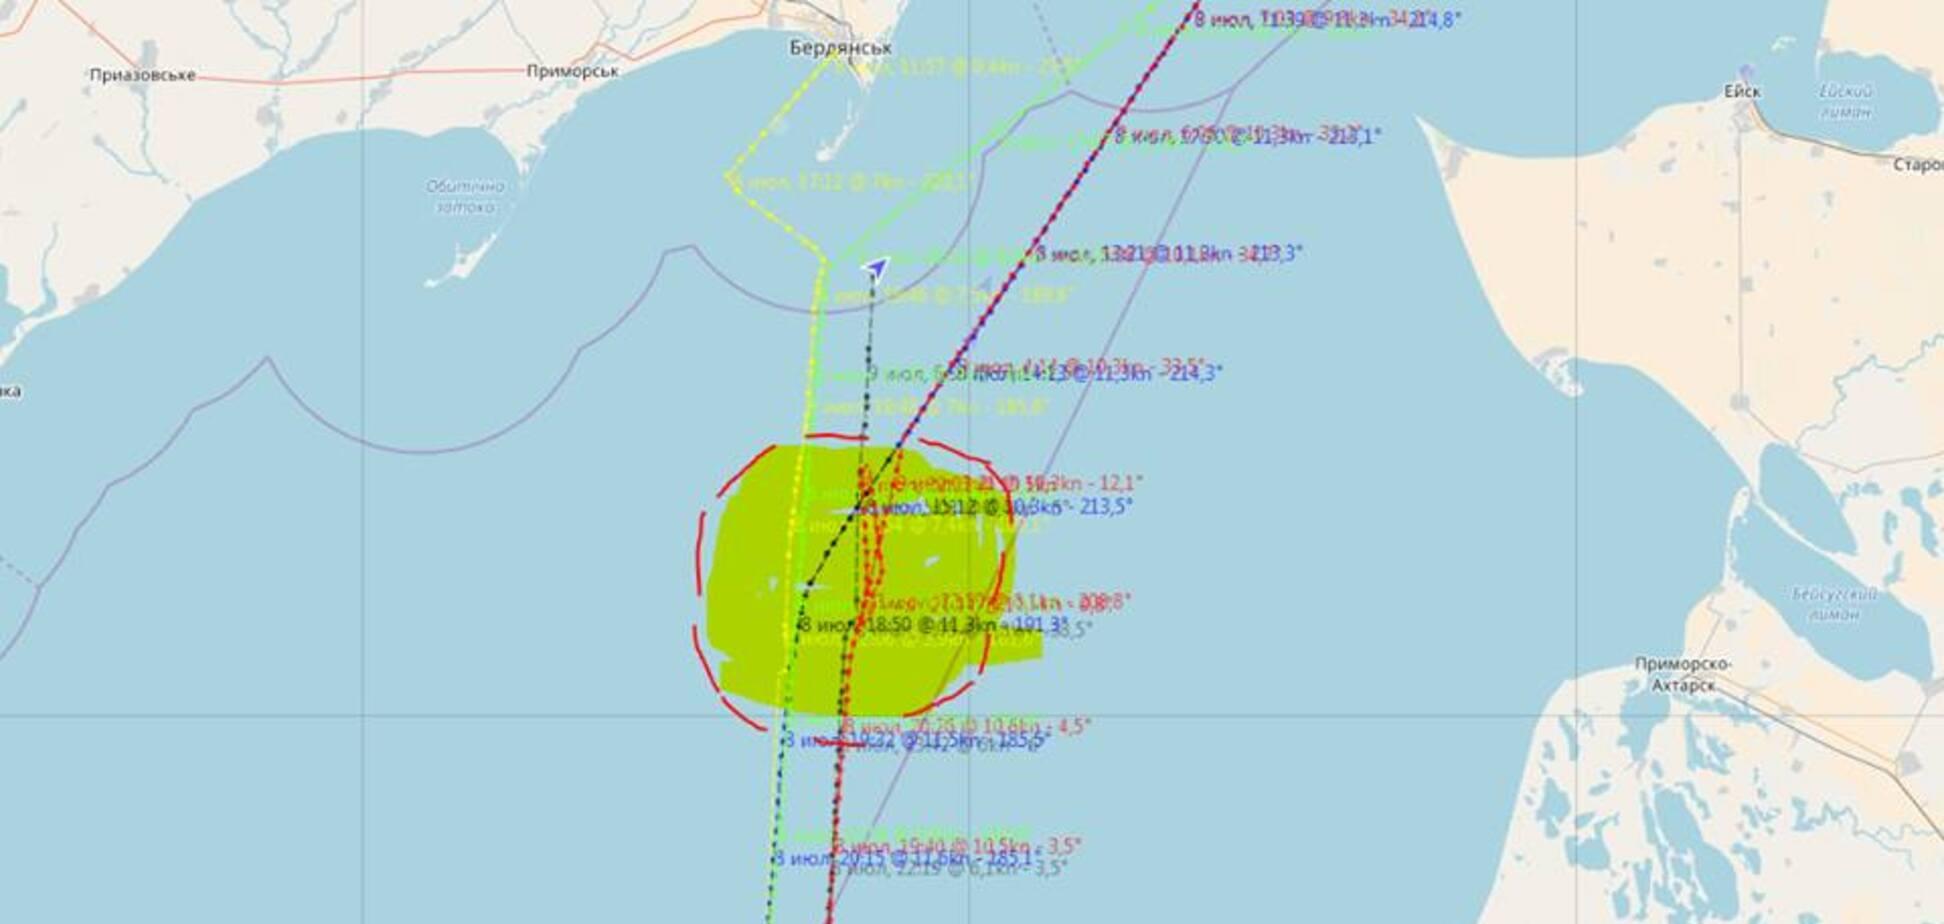 Пора созвать СНБО: Россия устроила громкую провокацию в Азовском море